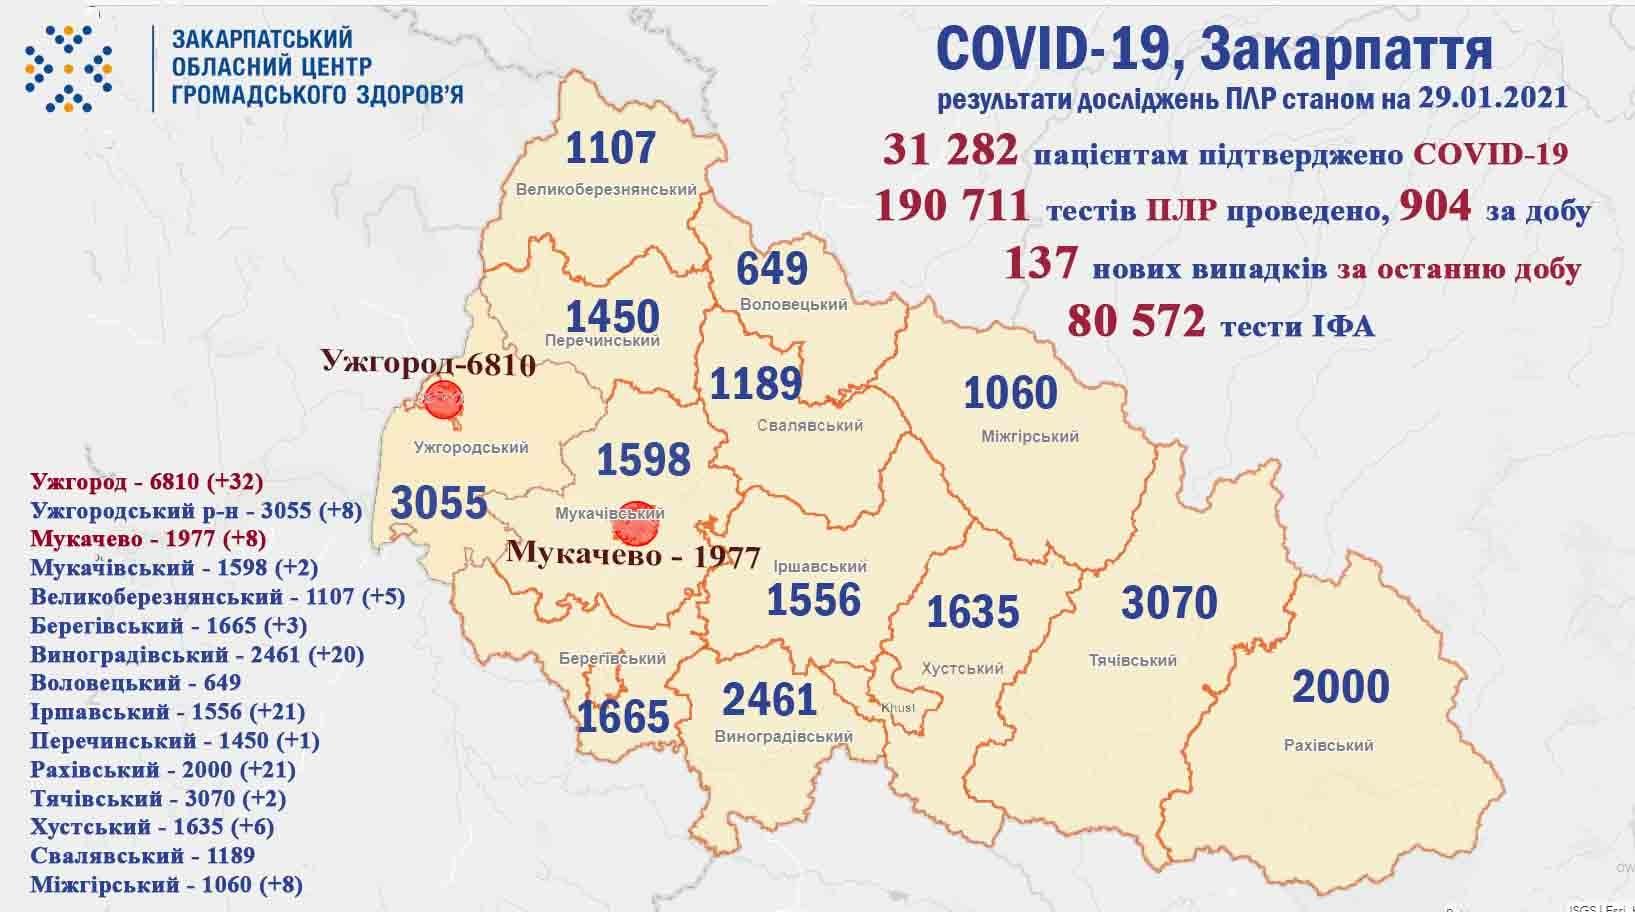 Протягом доби на Закарпатті виявлено 137 випадків COVID-19